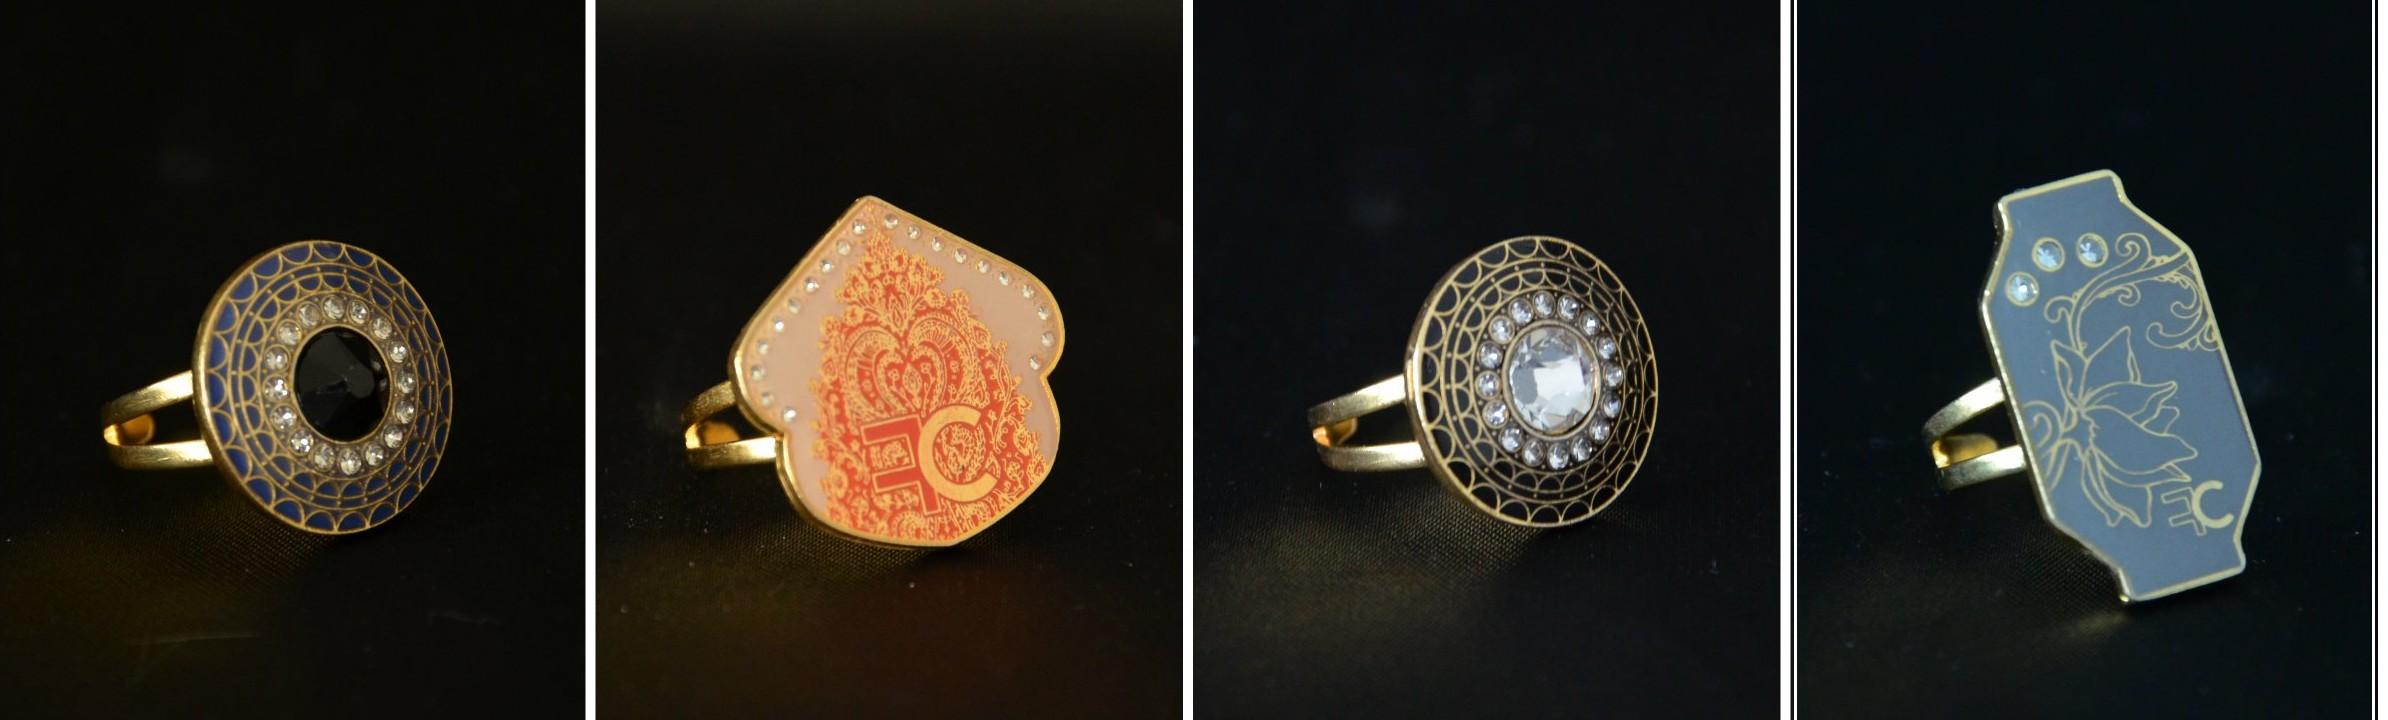 gioielli da uomo cleofe finati by archetipo accessori uomo